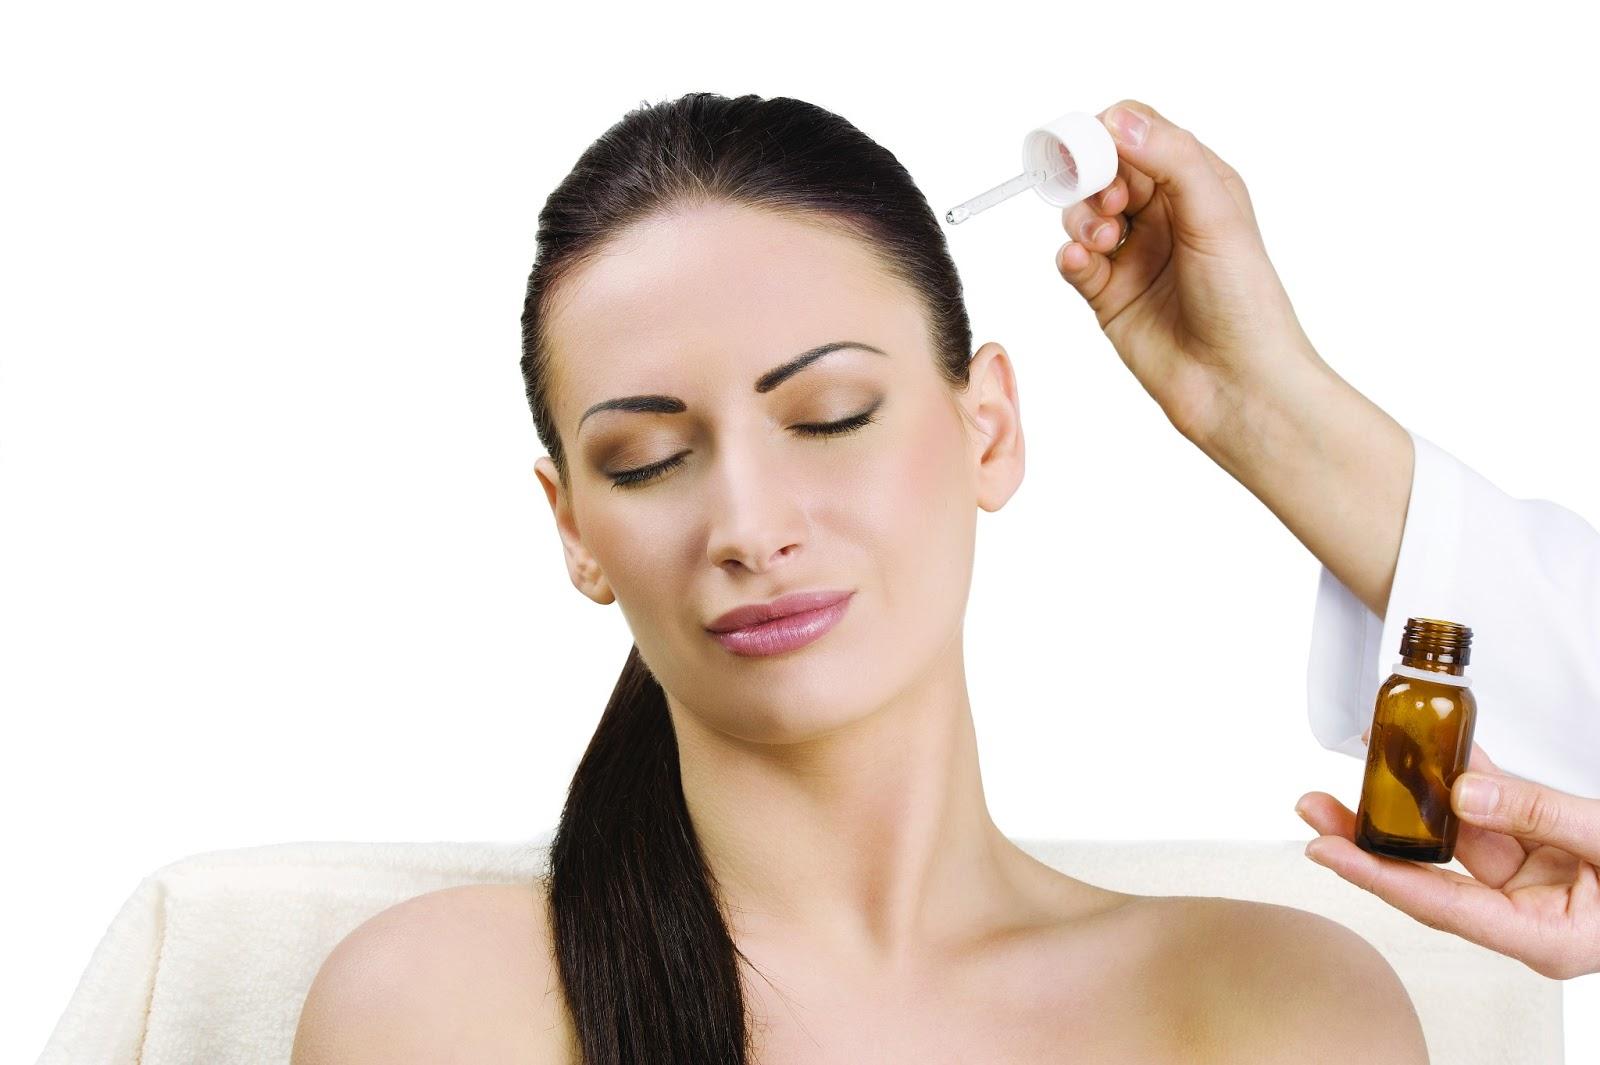 Saç Dökmesilmesine Karşı Tedavi Yöntemleri